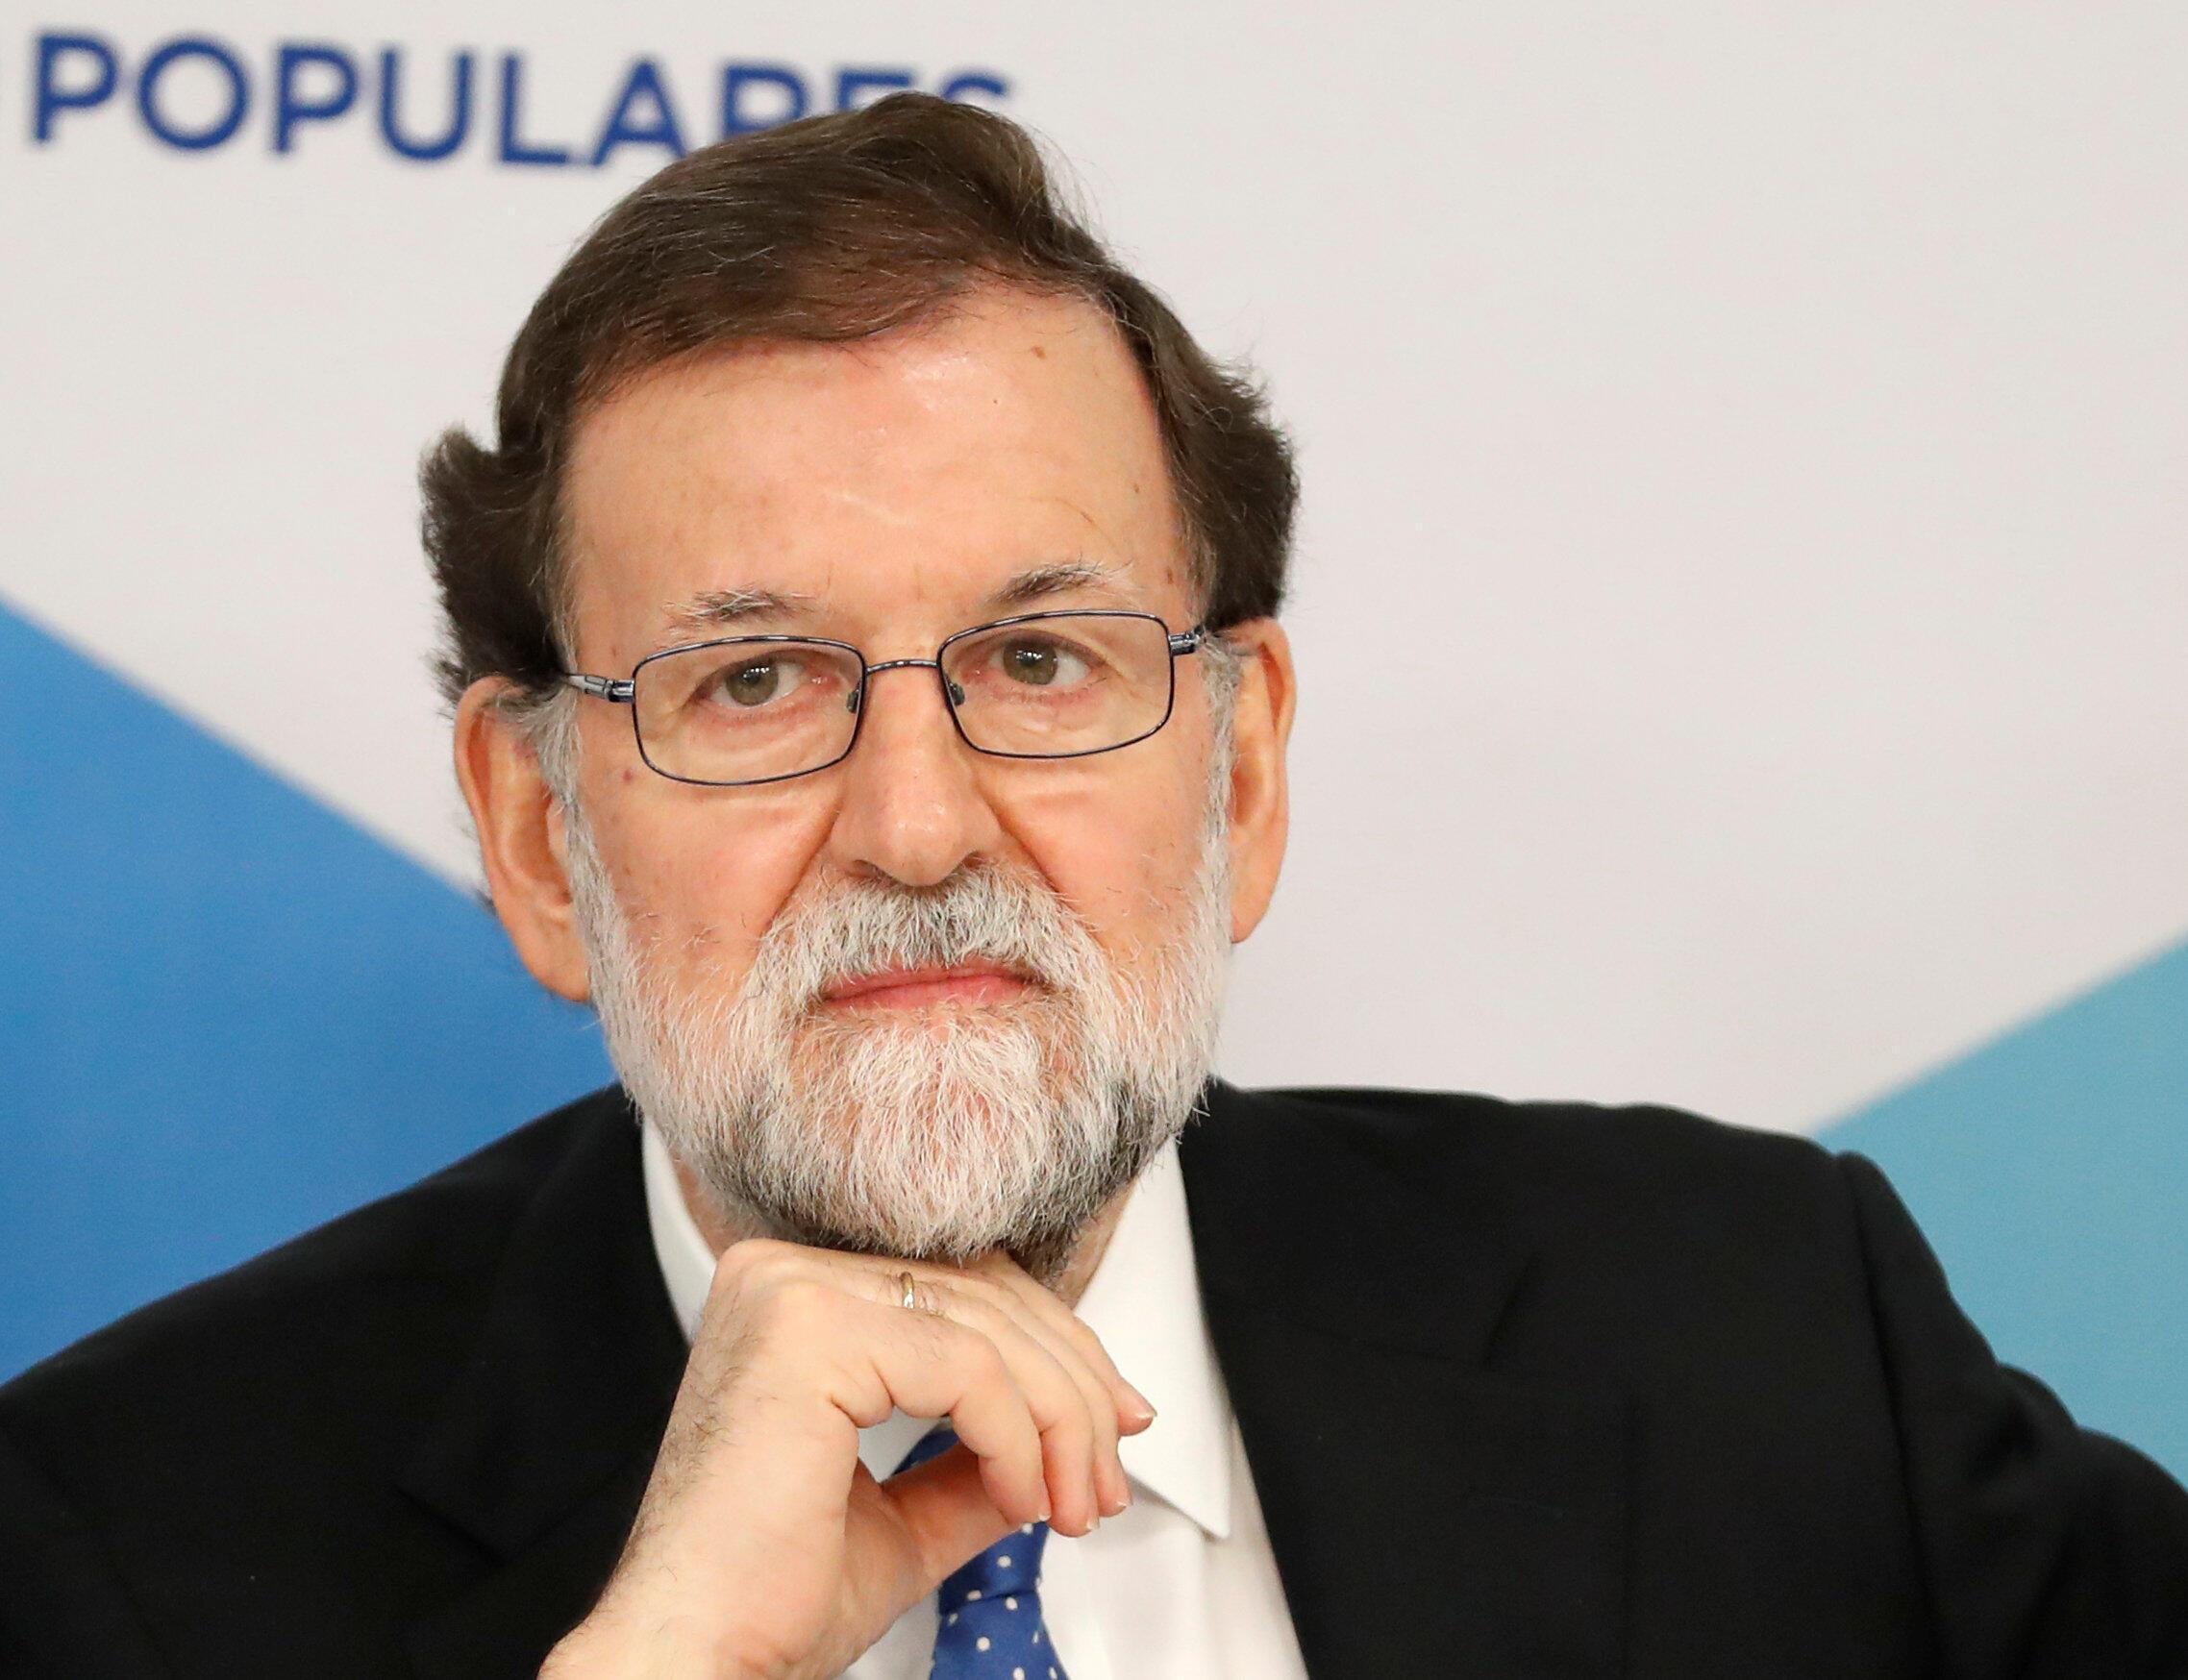 Firaministan Spain Mariano Rajoy